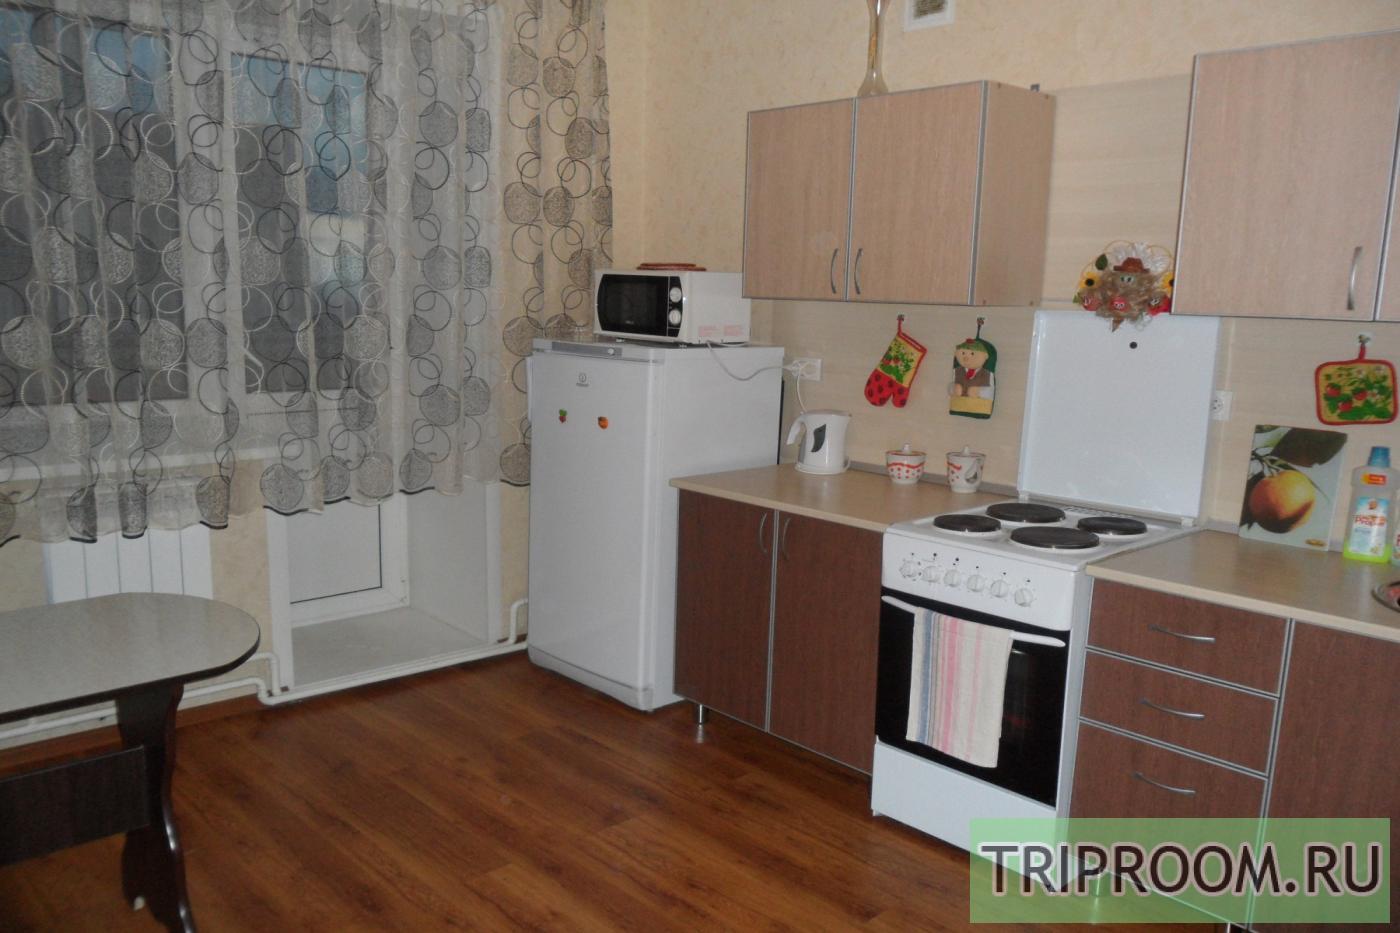 1-комнатная квартира посуточно (вариант № 29198), ул. Тухачевского улица, фото № 5